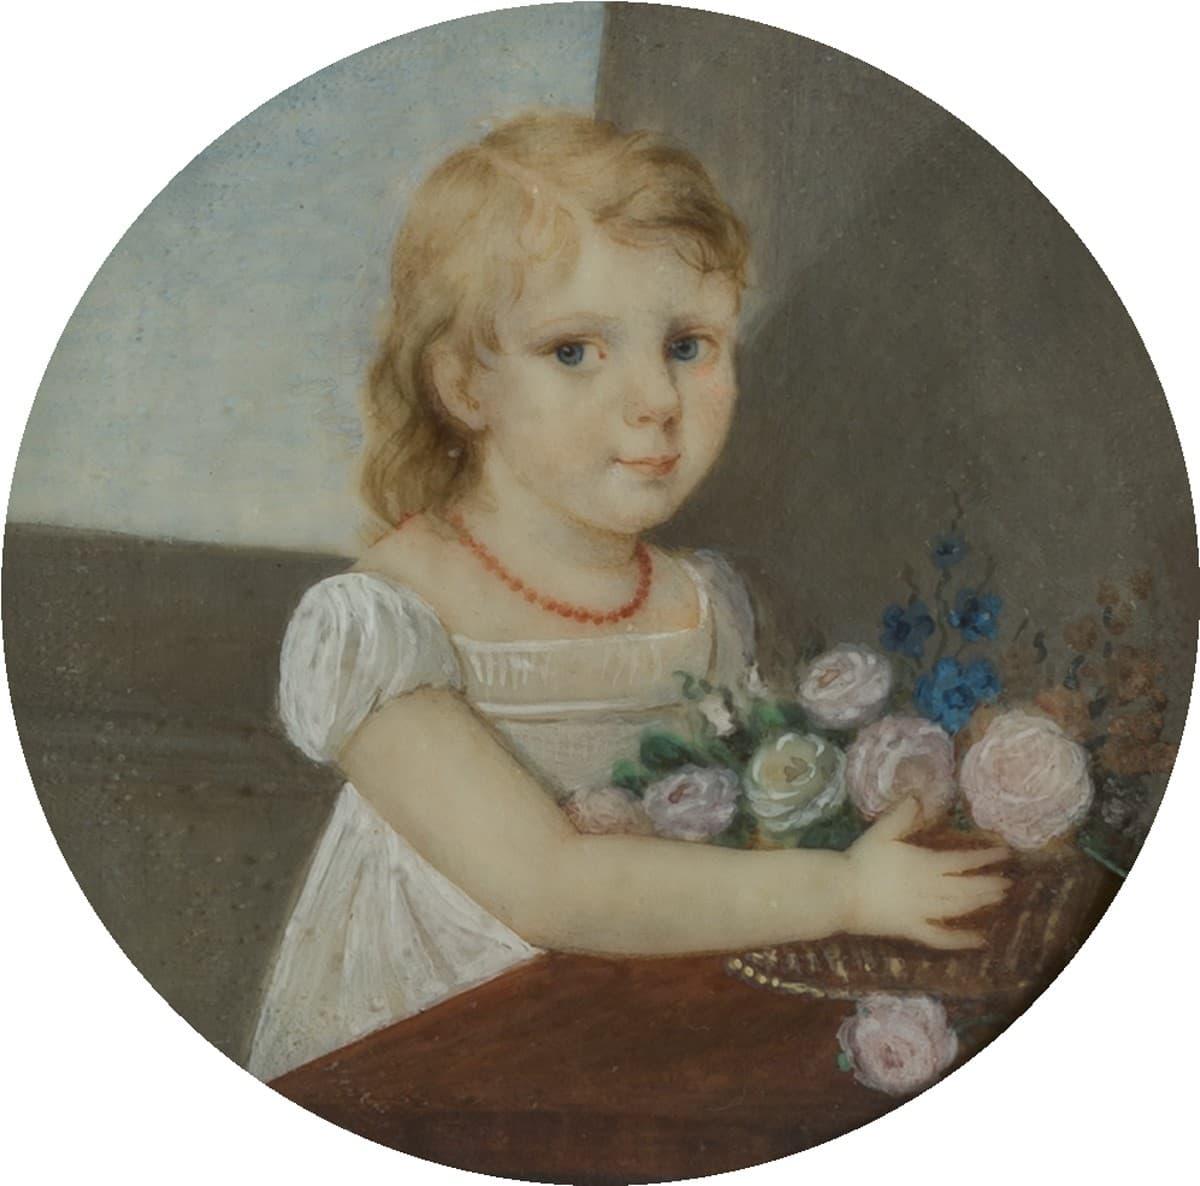 Un medaglione rappresentante Allegra Byron. Immagine reperibile a